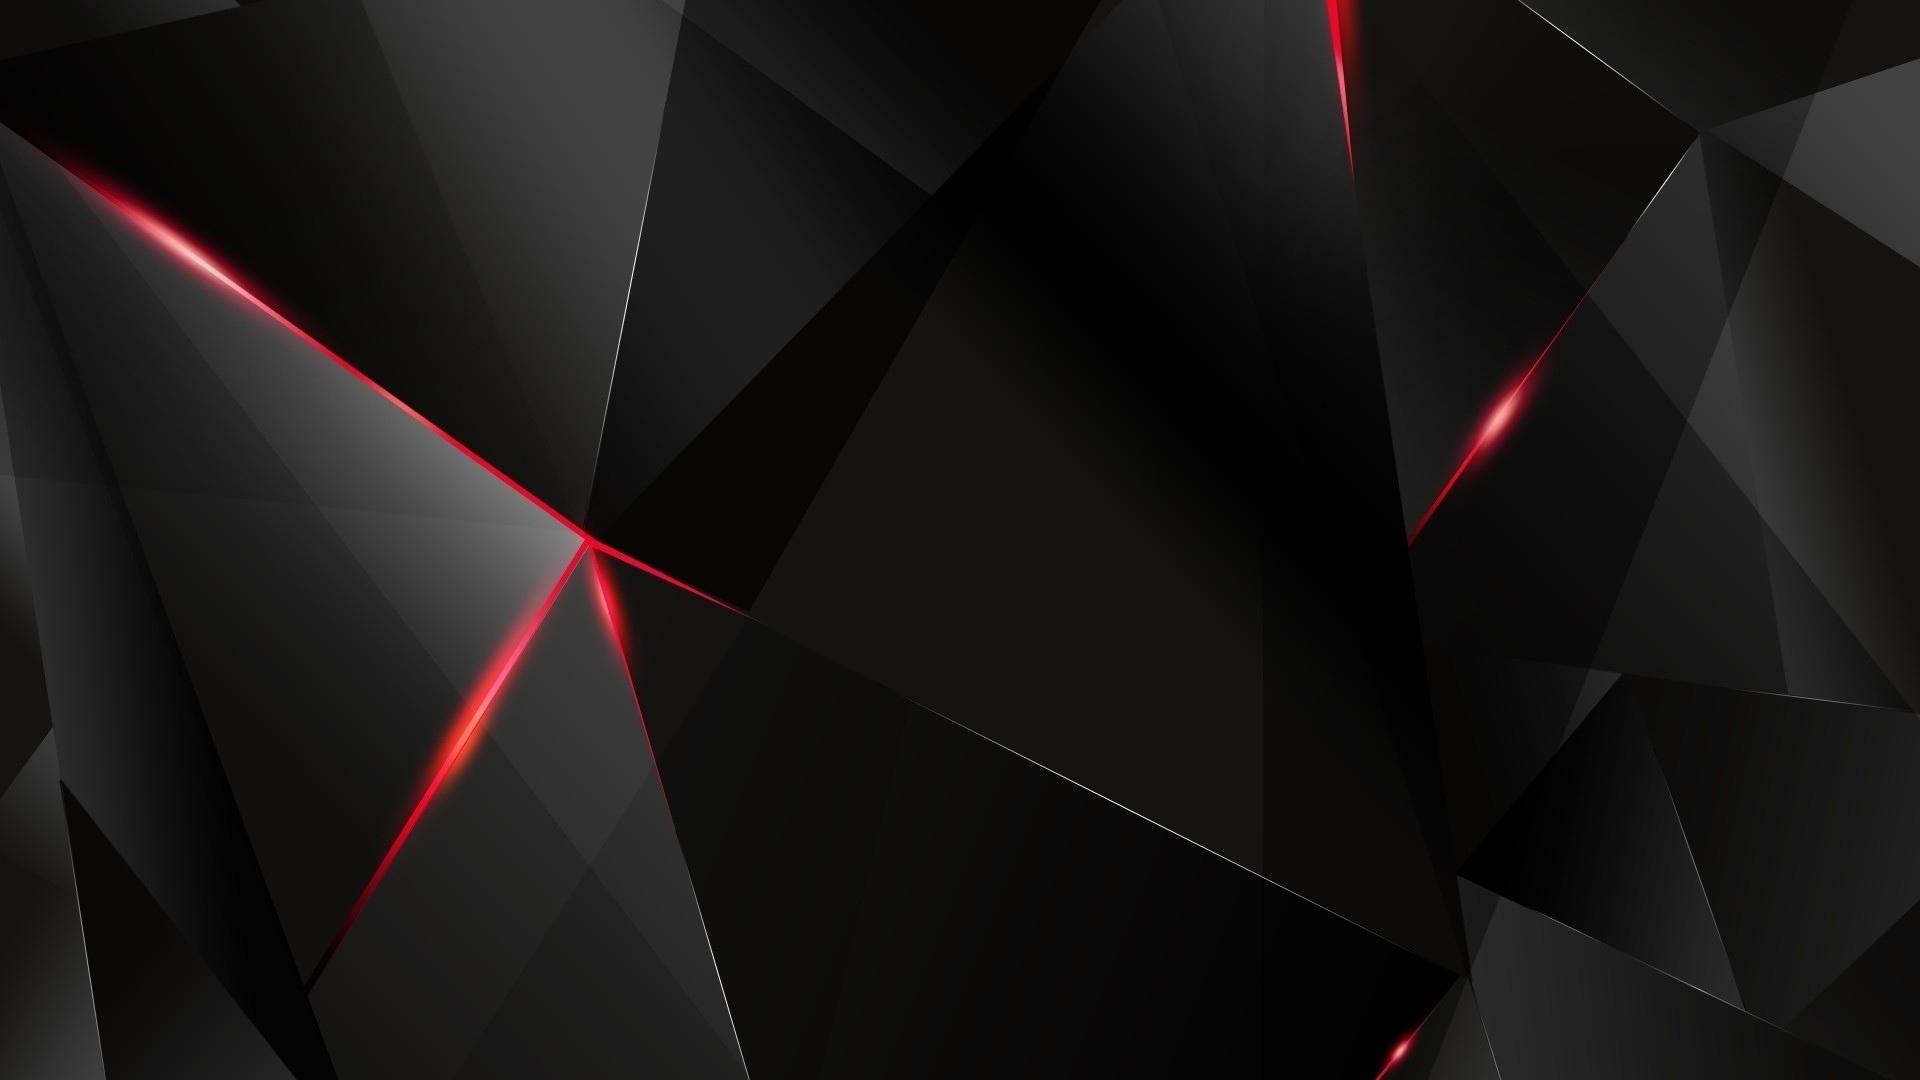 10 Best 1920 X 1080 Black Wallpaper Full Hd 1080p For Pc Desktop